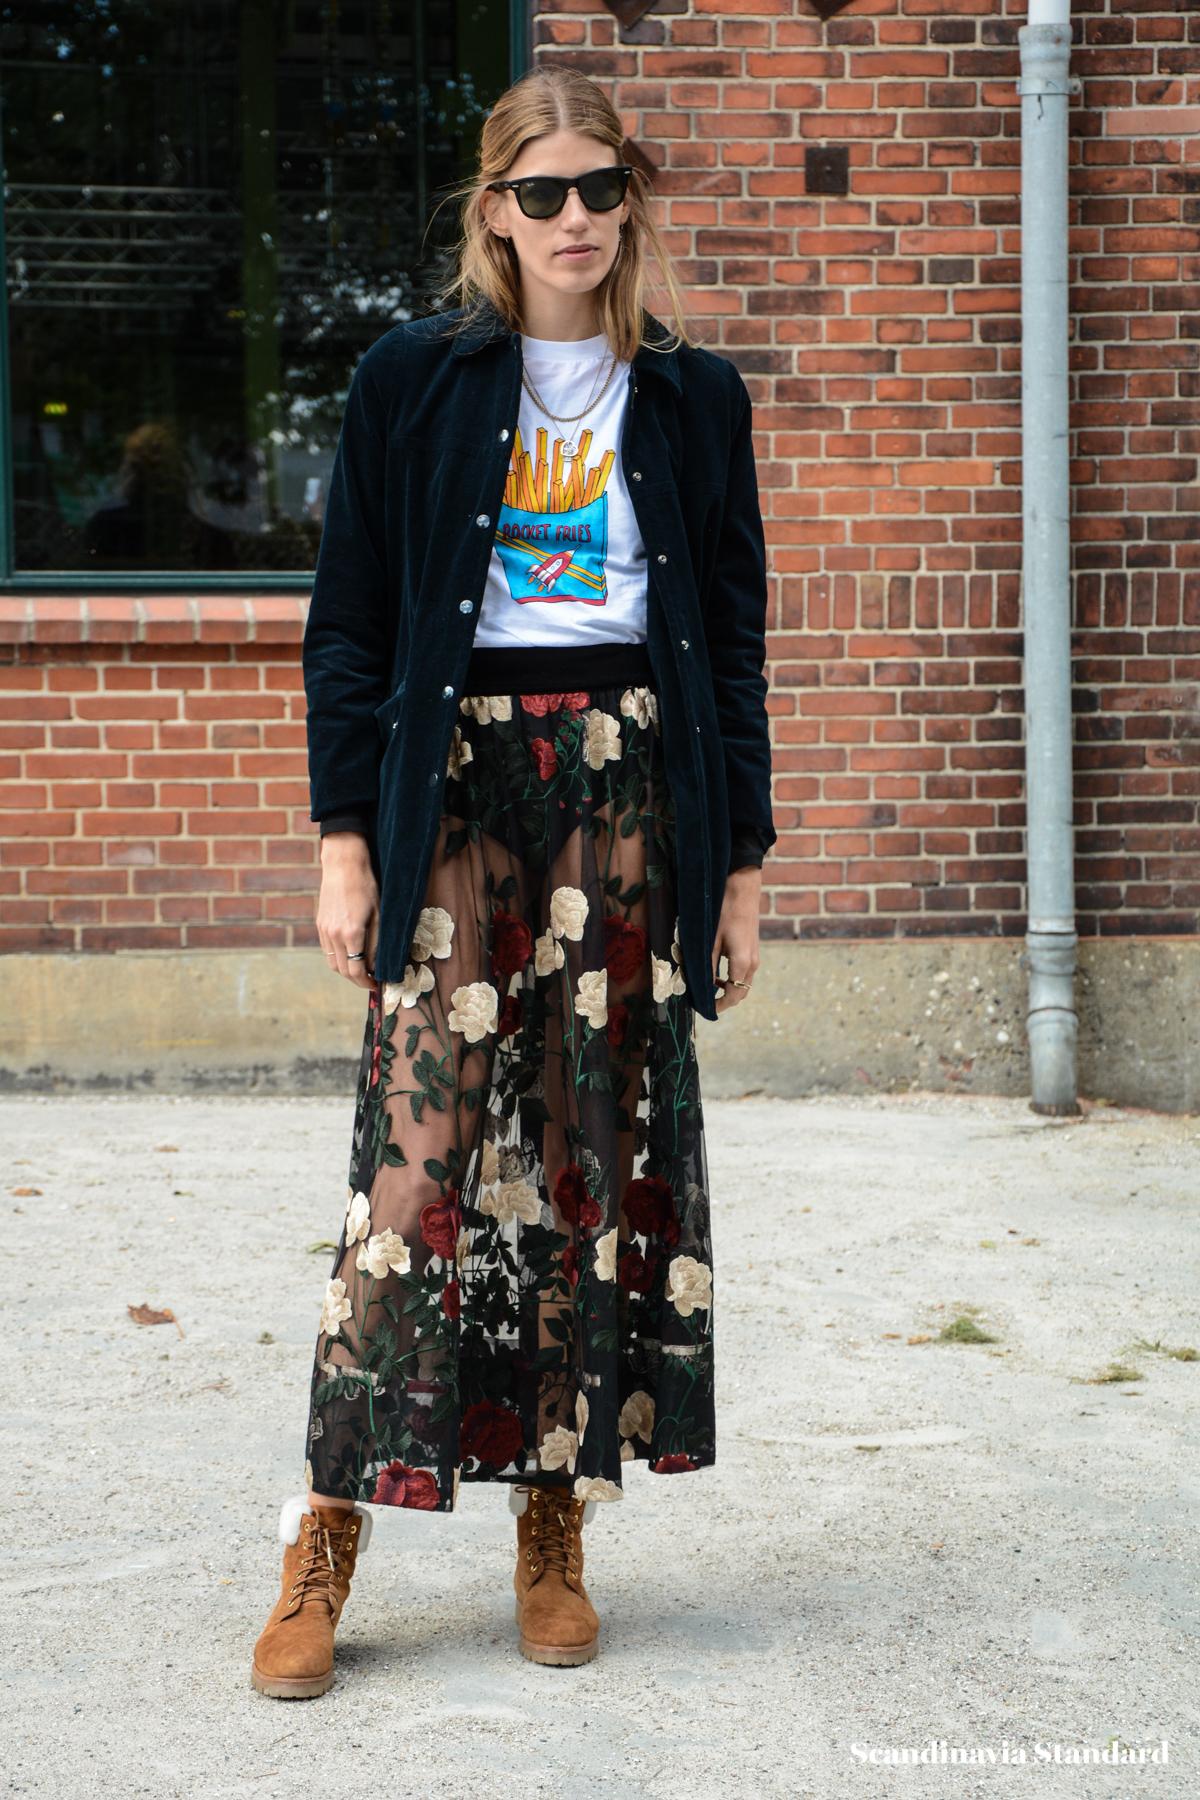 The Best Copenhagen Fashion Week Street Style SS17 | Scandinavia Standard - DSC_7209